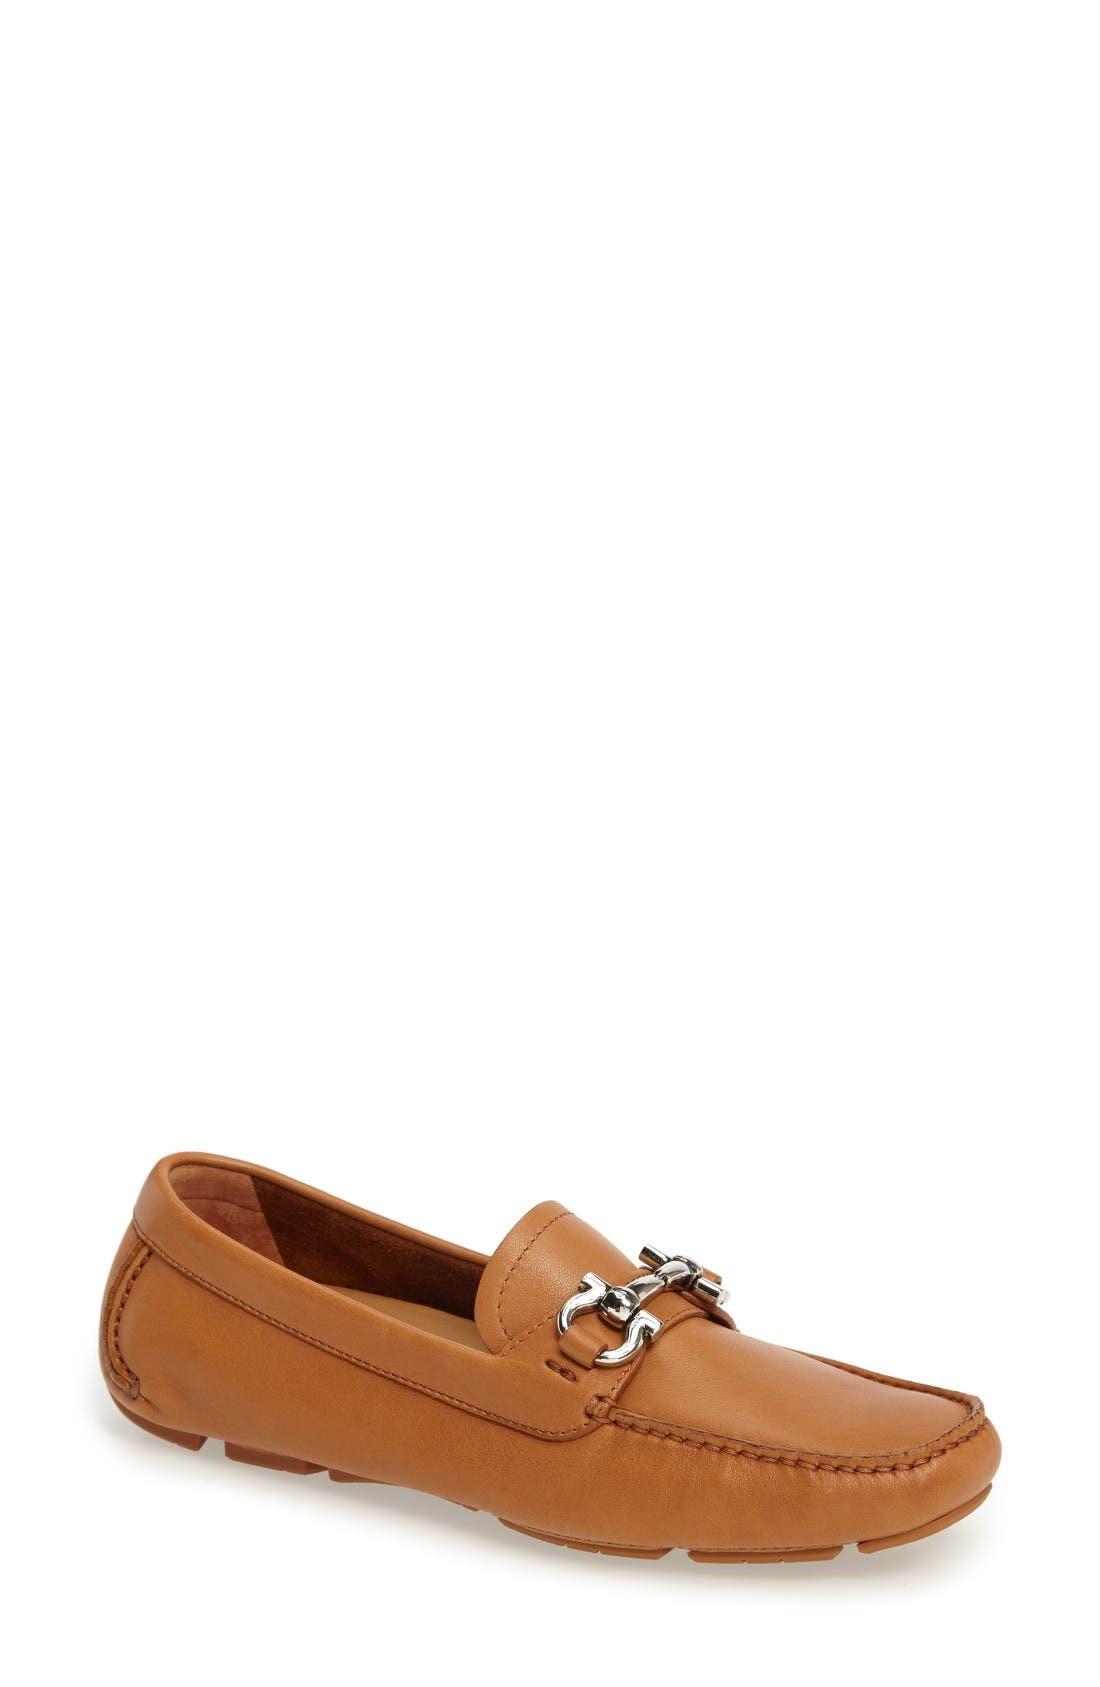 Parigi Loafer,                         Main,                         color, Brown